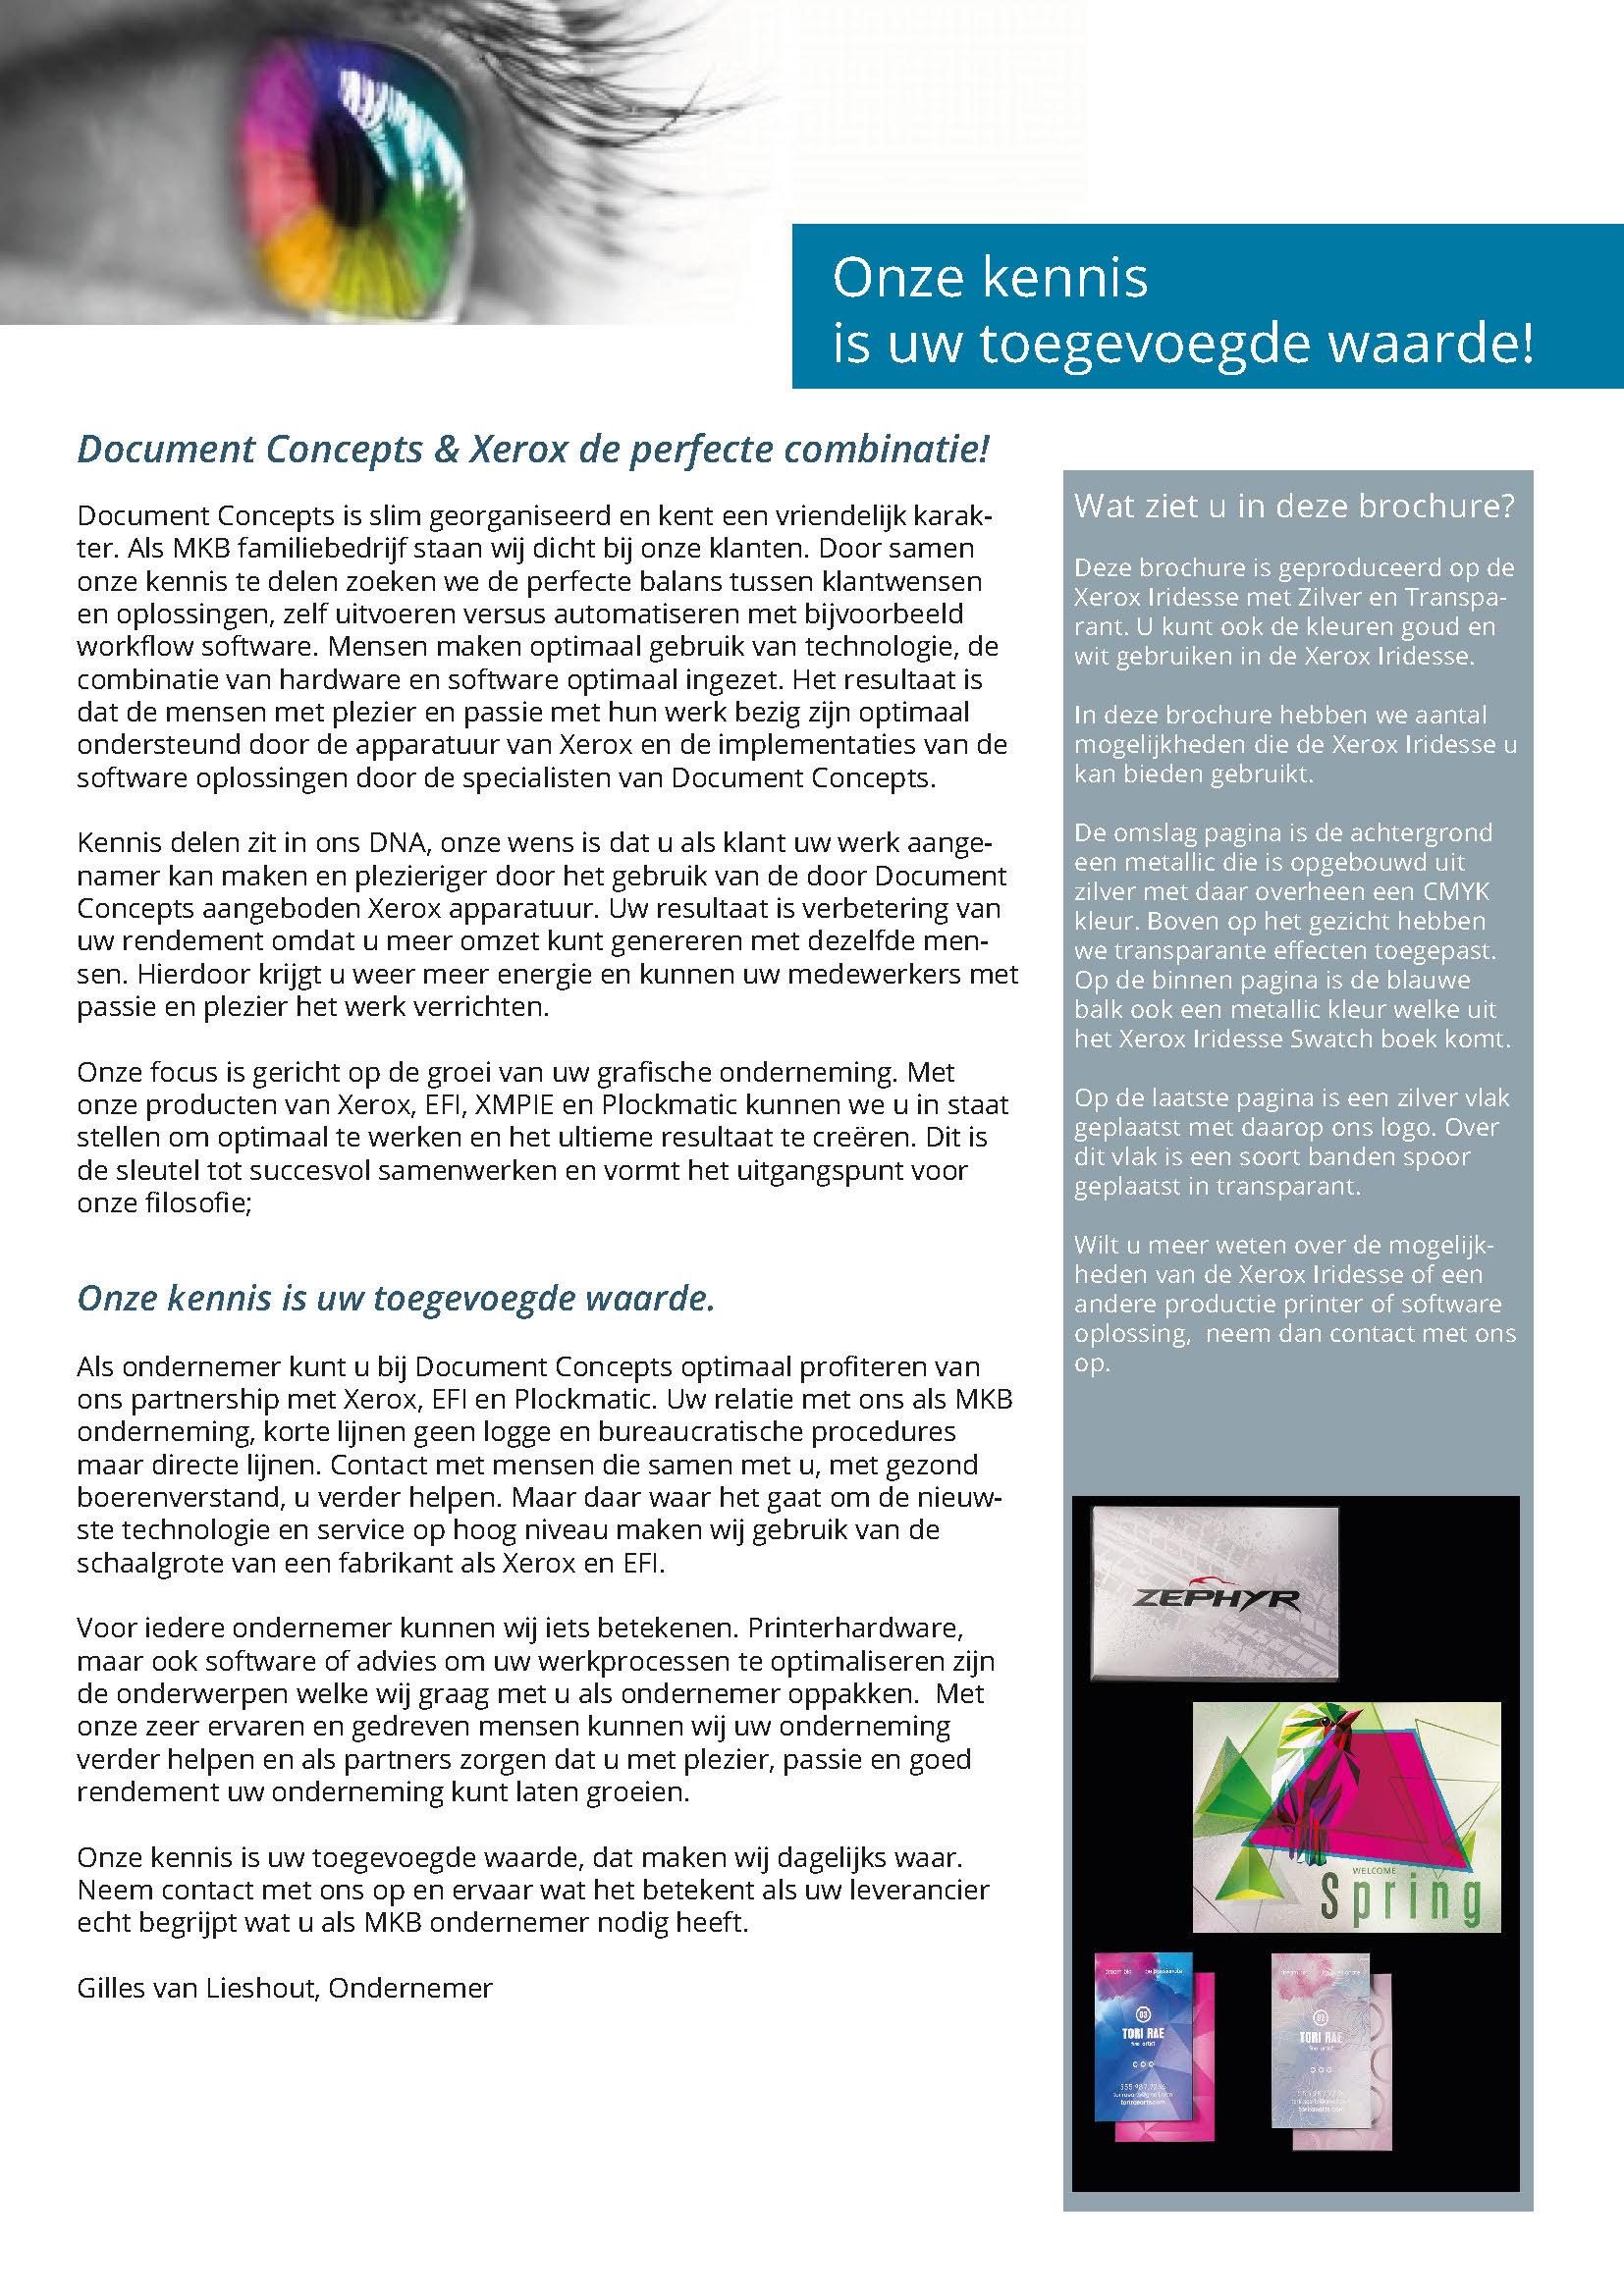 dc companybrochure DEF_Pagina_2